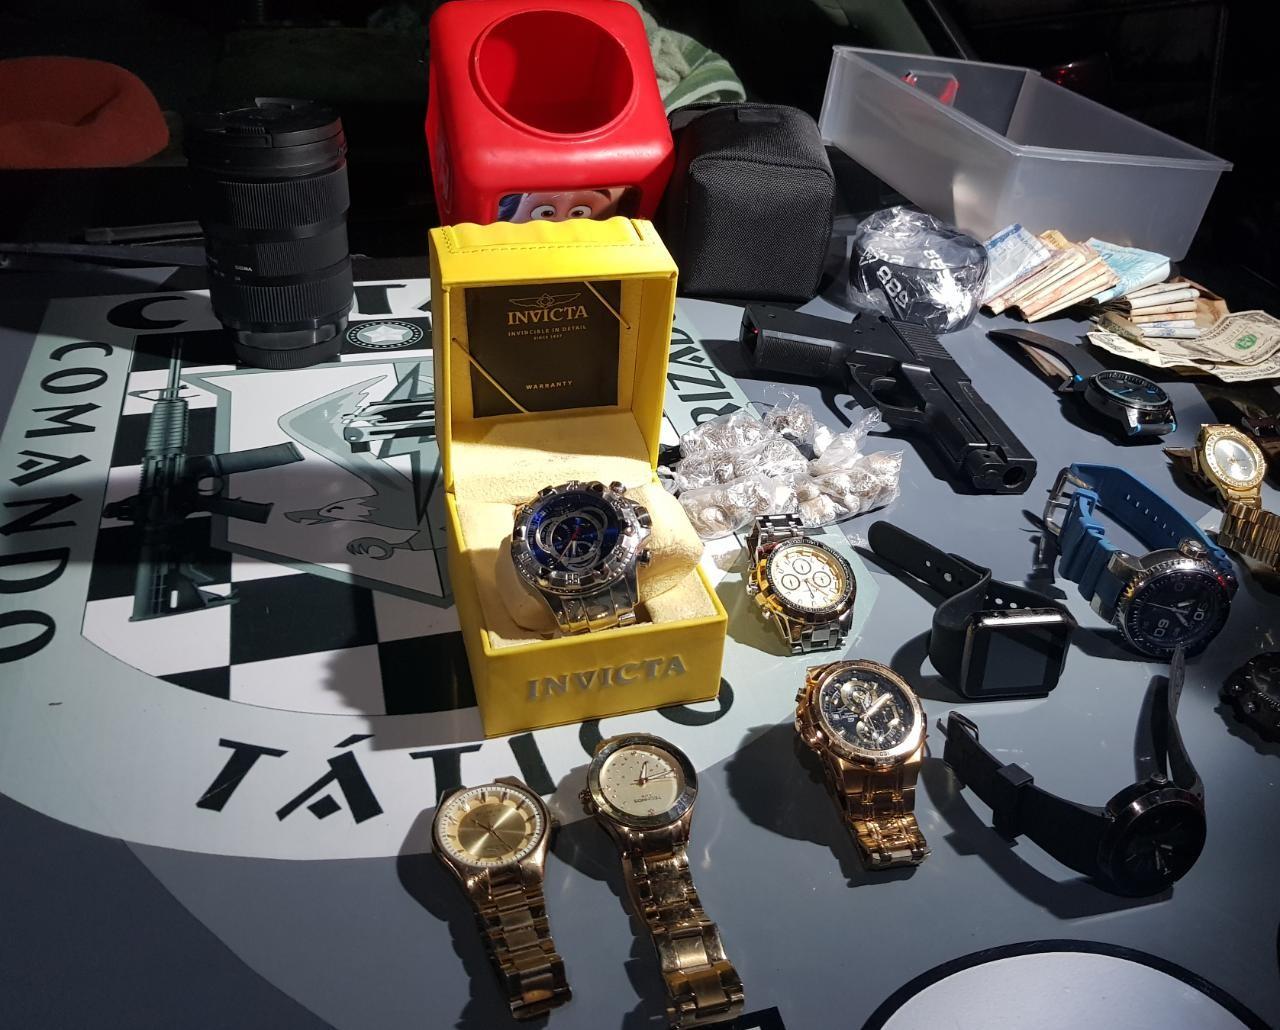 Relógios, dólar e pneu importado são apreendidos e suspeito de tráfico é preso, em Fortaleza